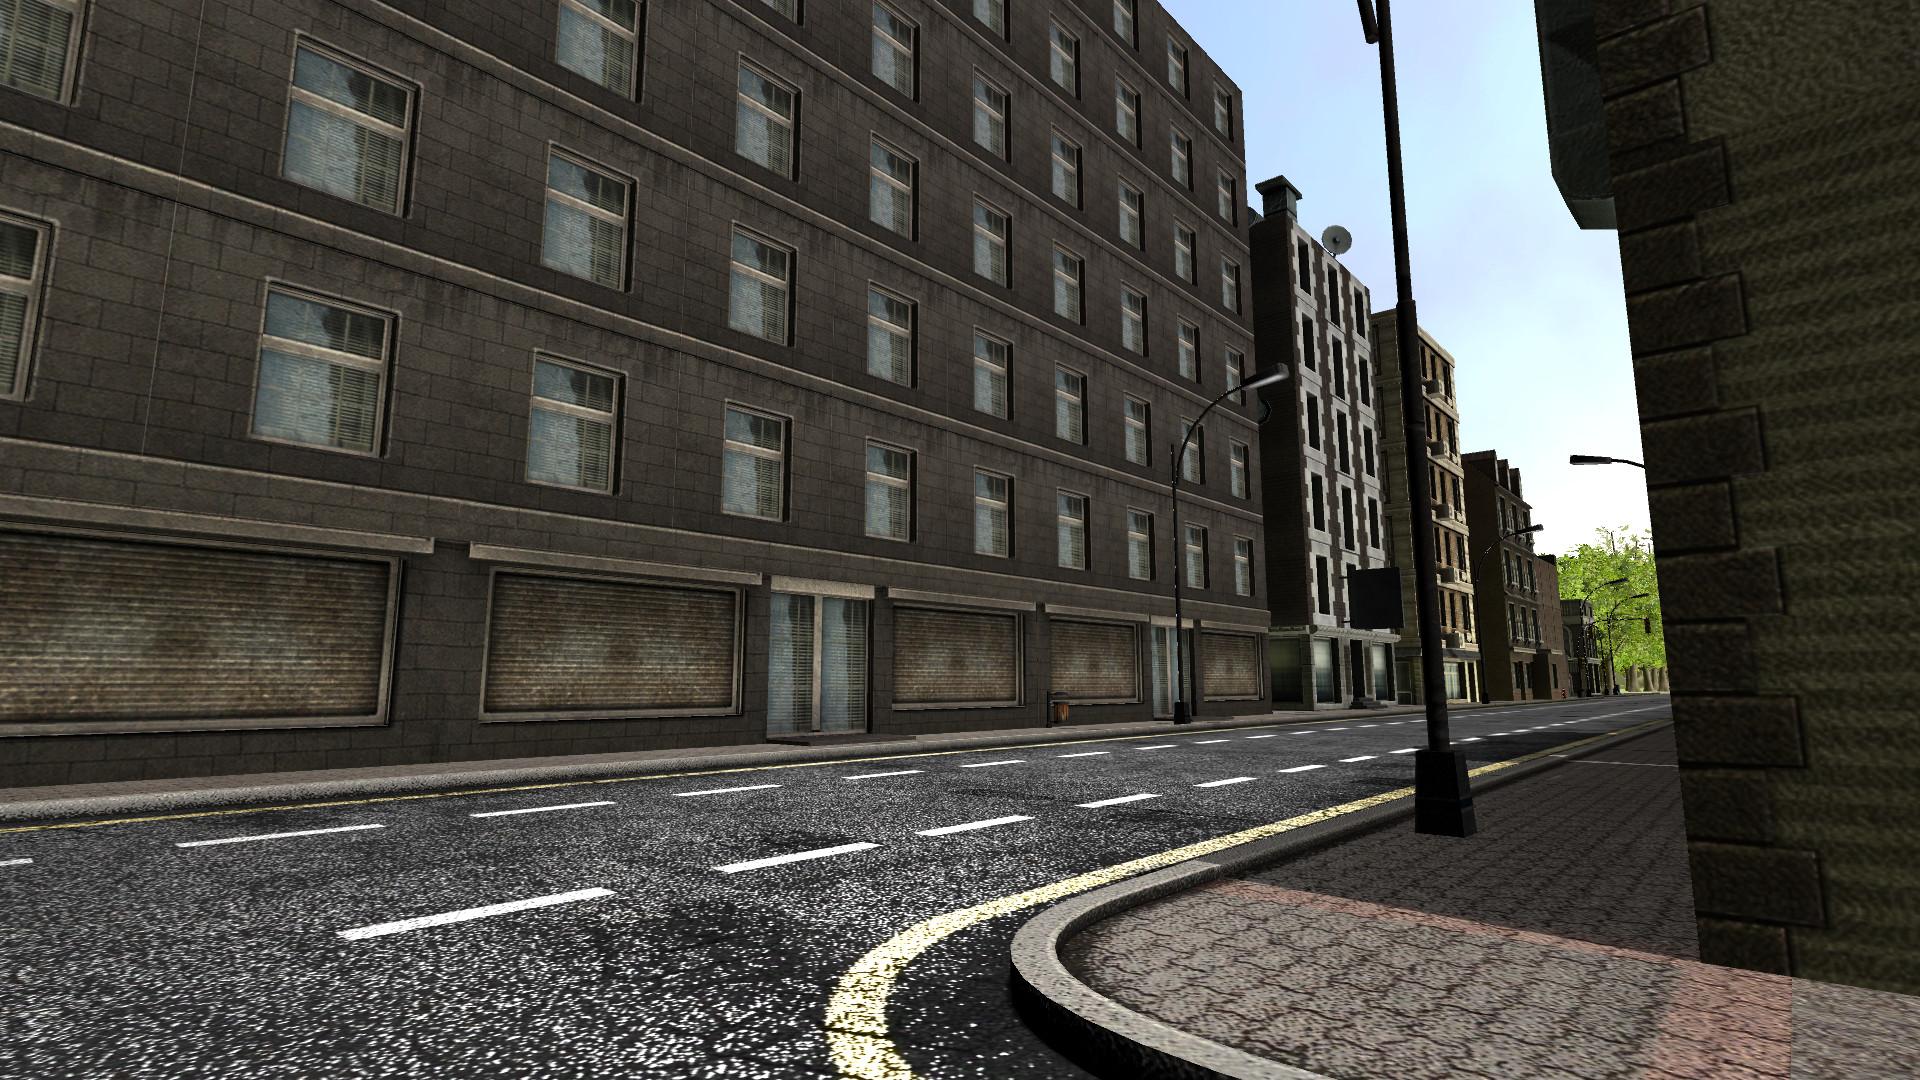 Una imagen del Walking Simulator